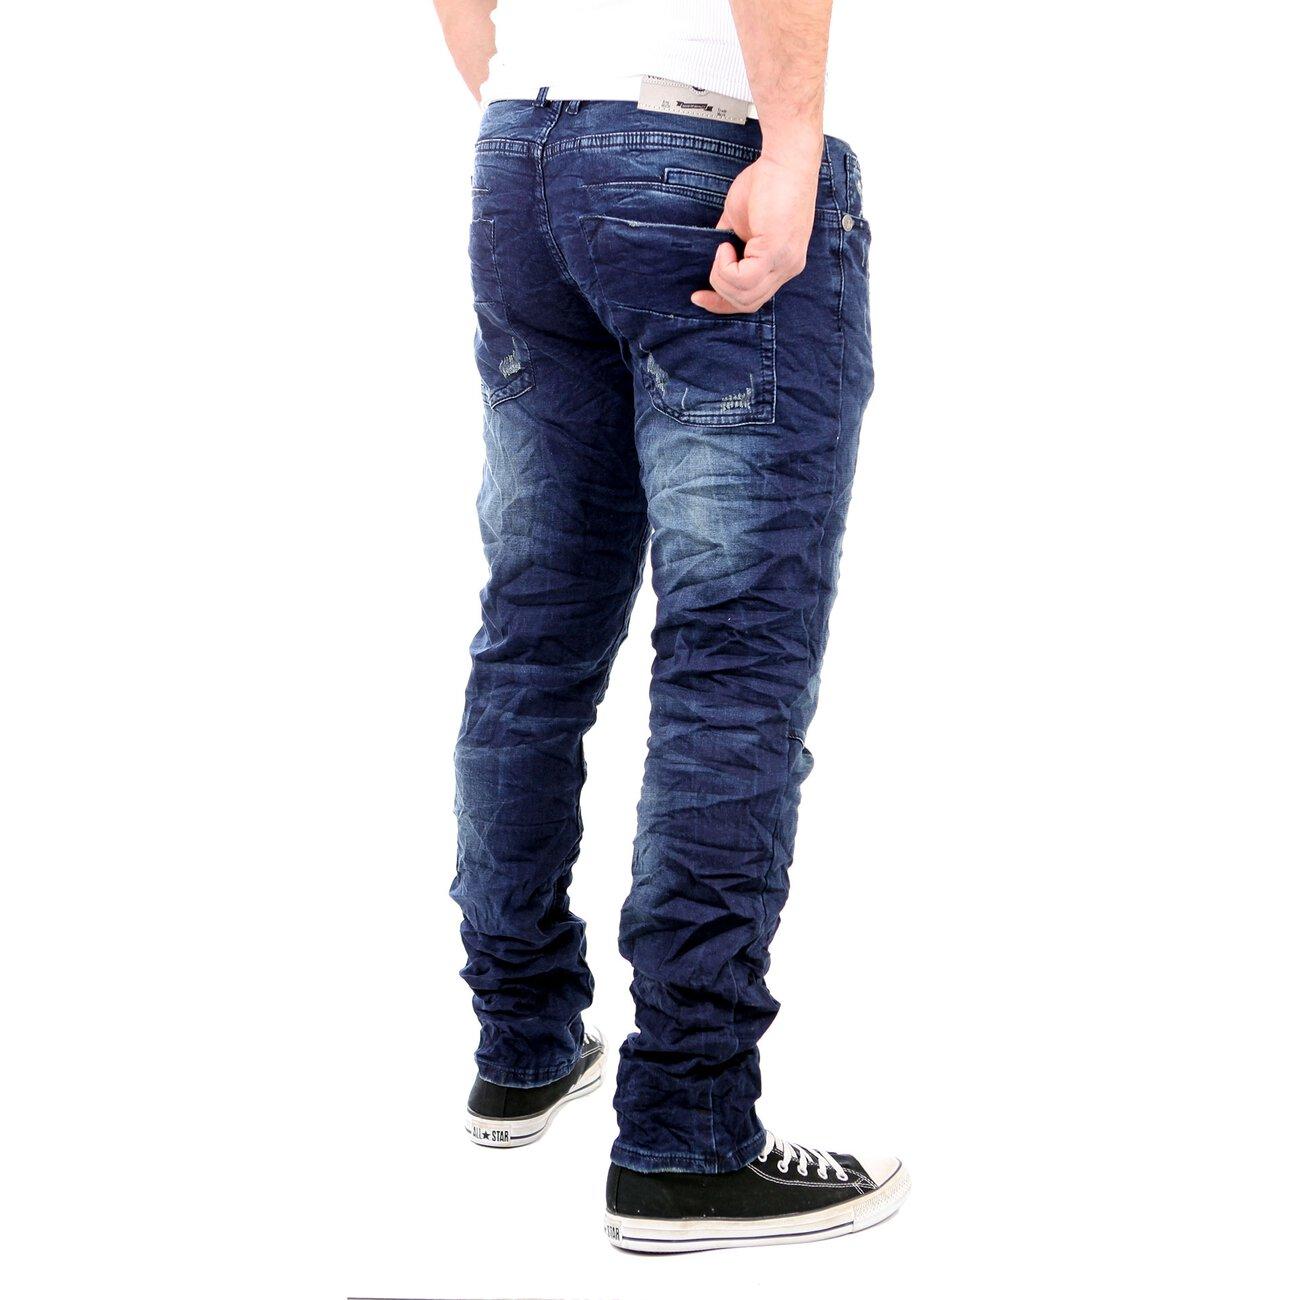 reslad jogg jeans herren slim used look jogging jeans hose. Black Bedroom Furniture Sets. Home Design Ideas